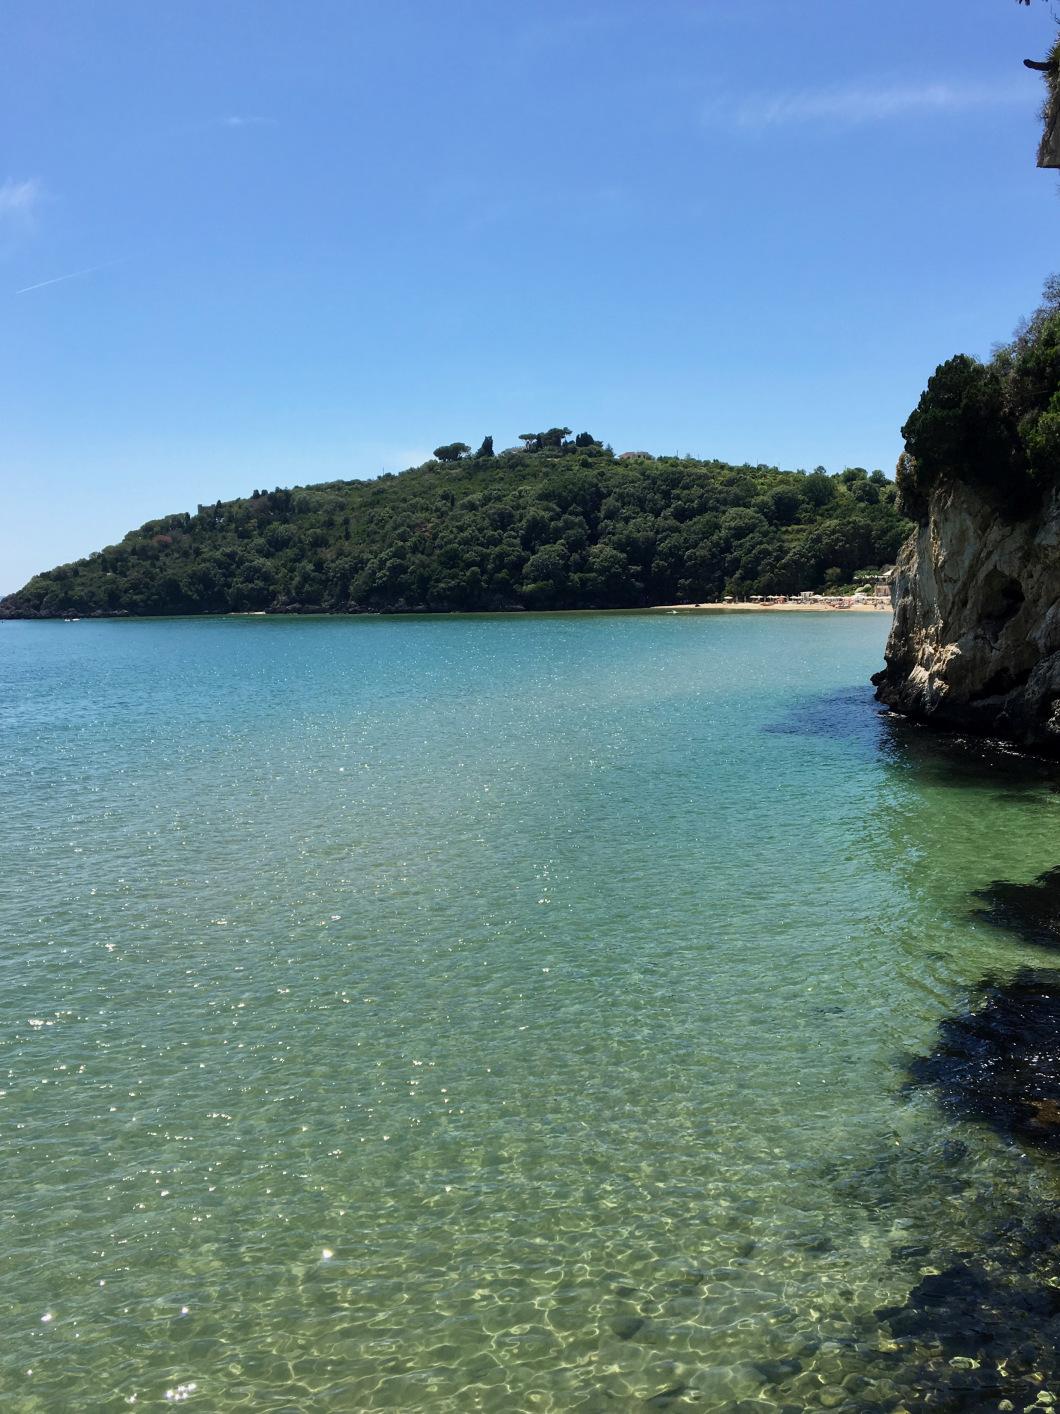 mare e vegetazione - mare a Sperlonga e Gaeta